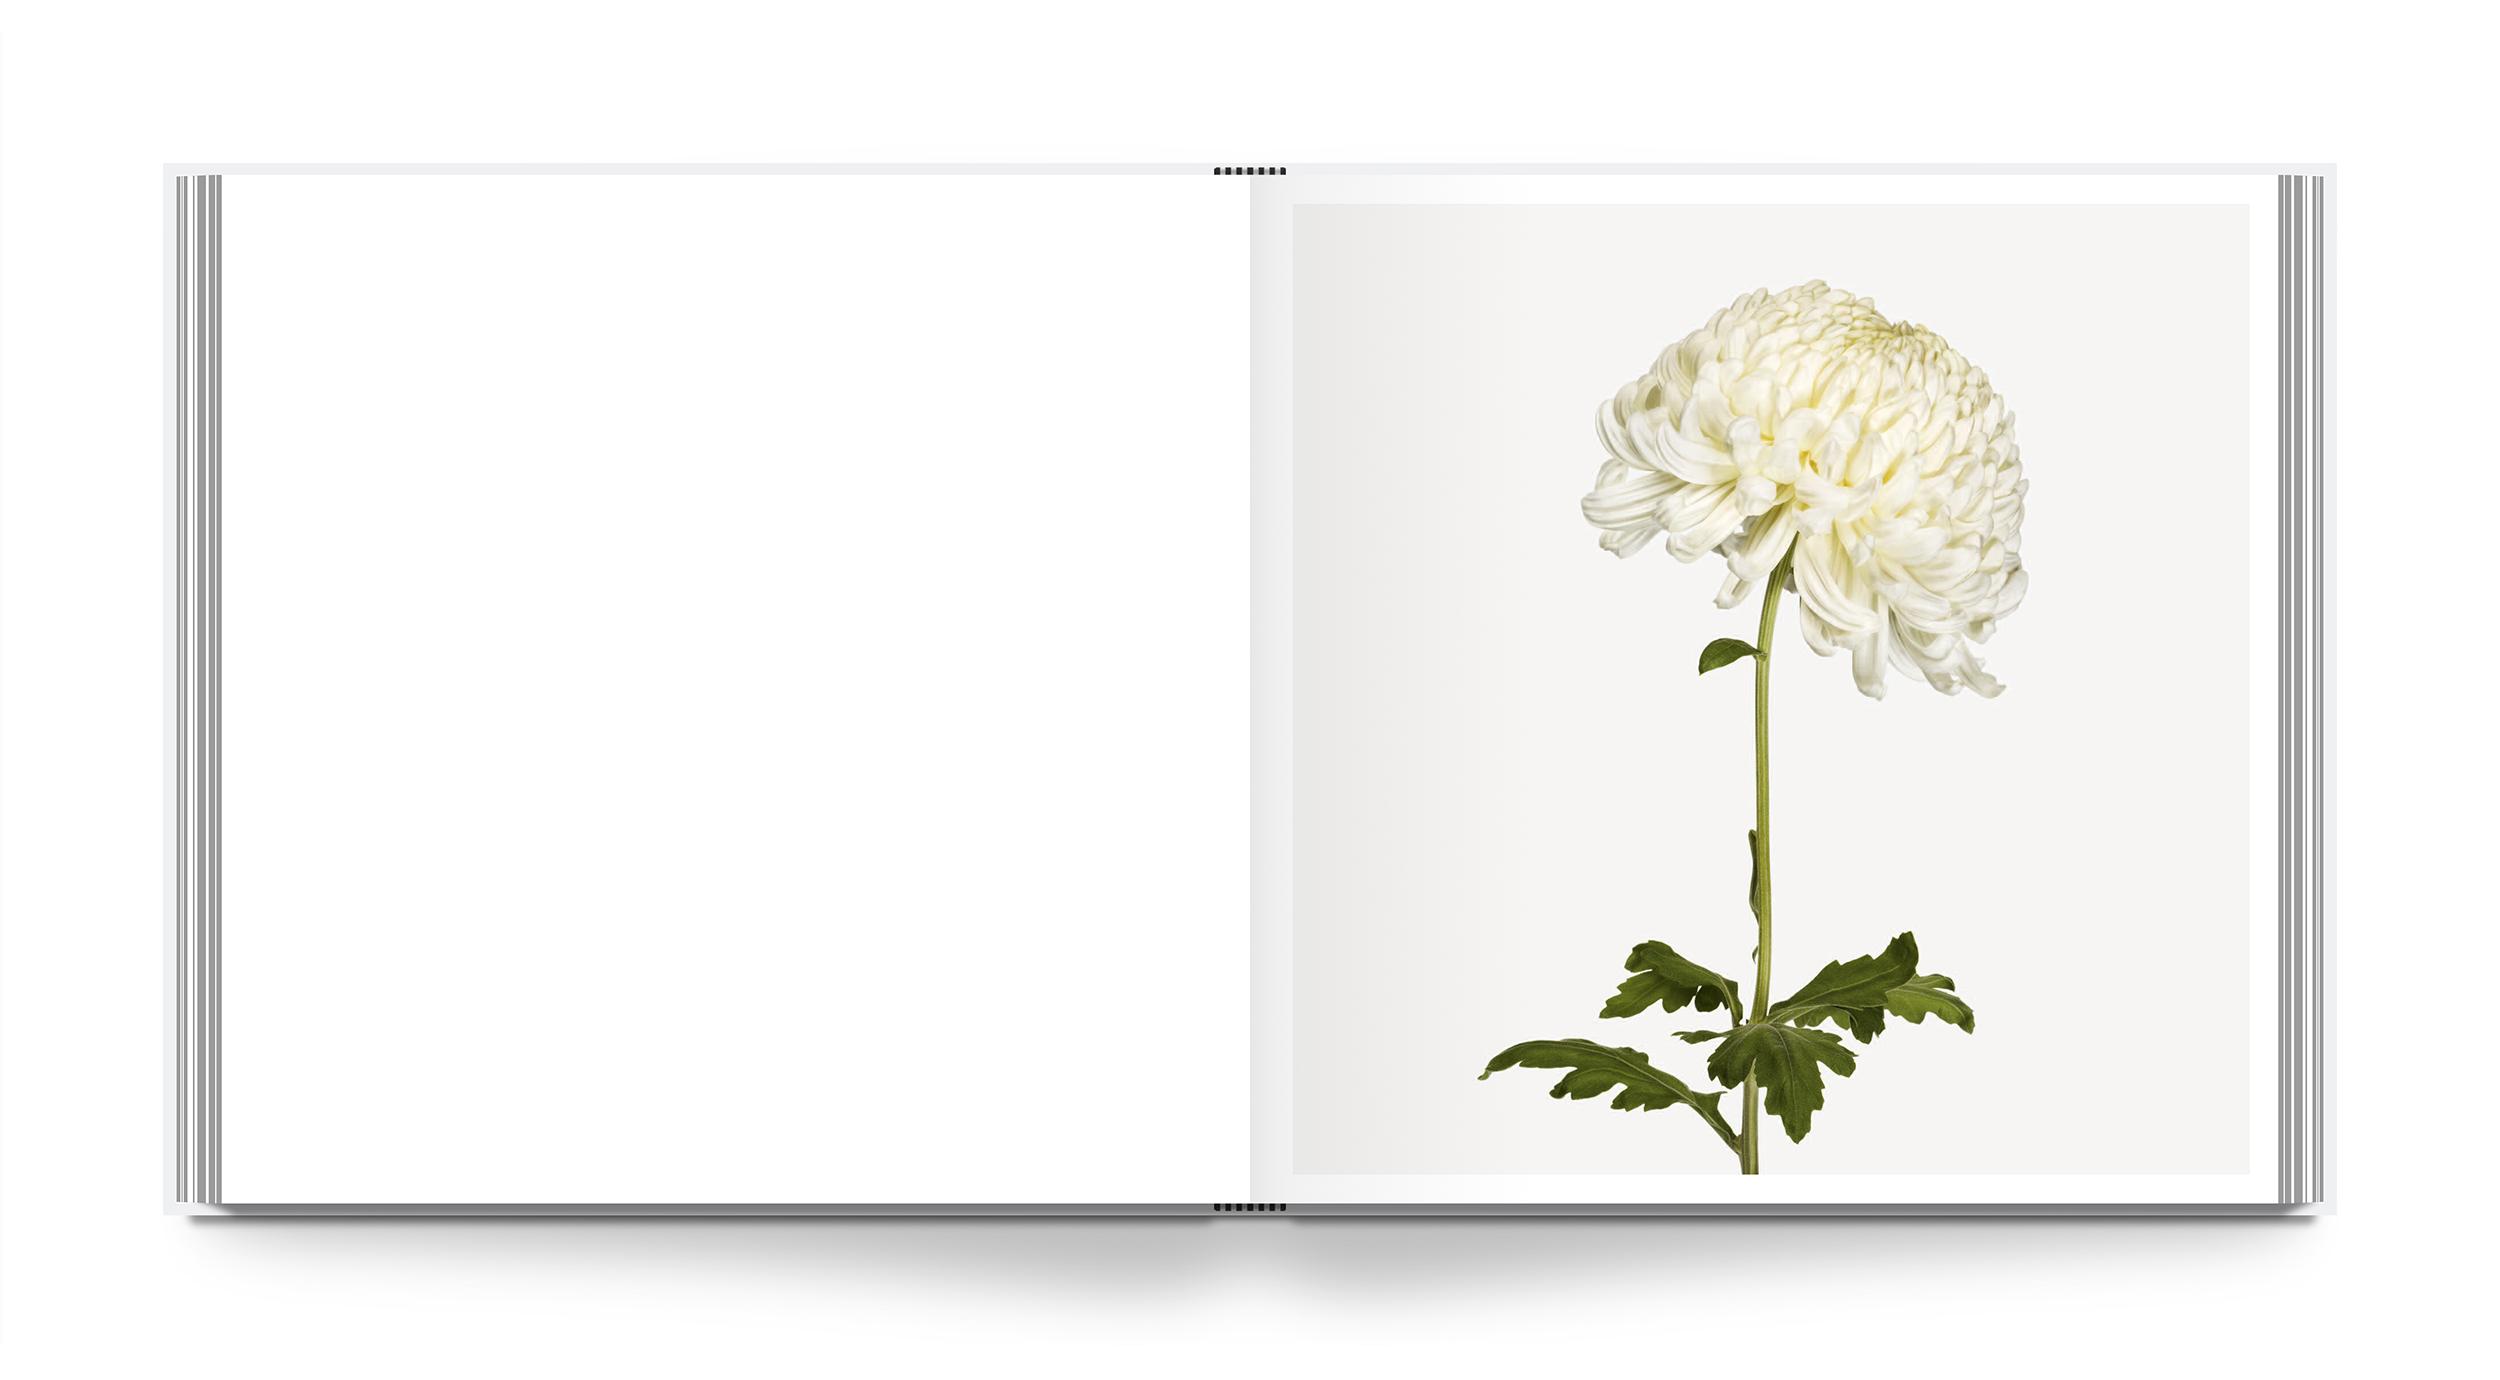 az-flower-int-2.jpg